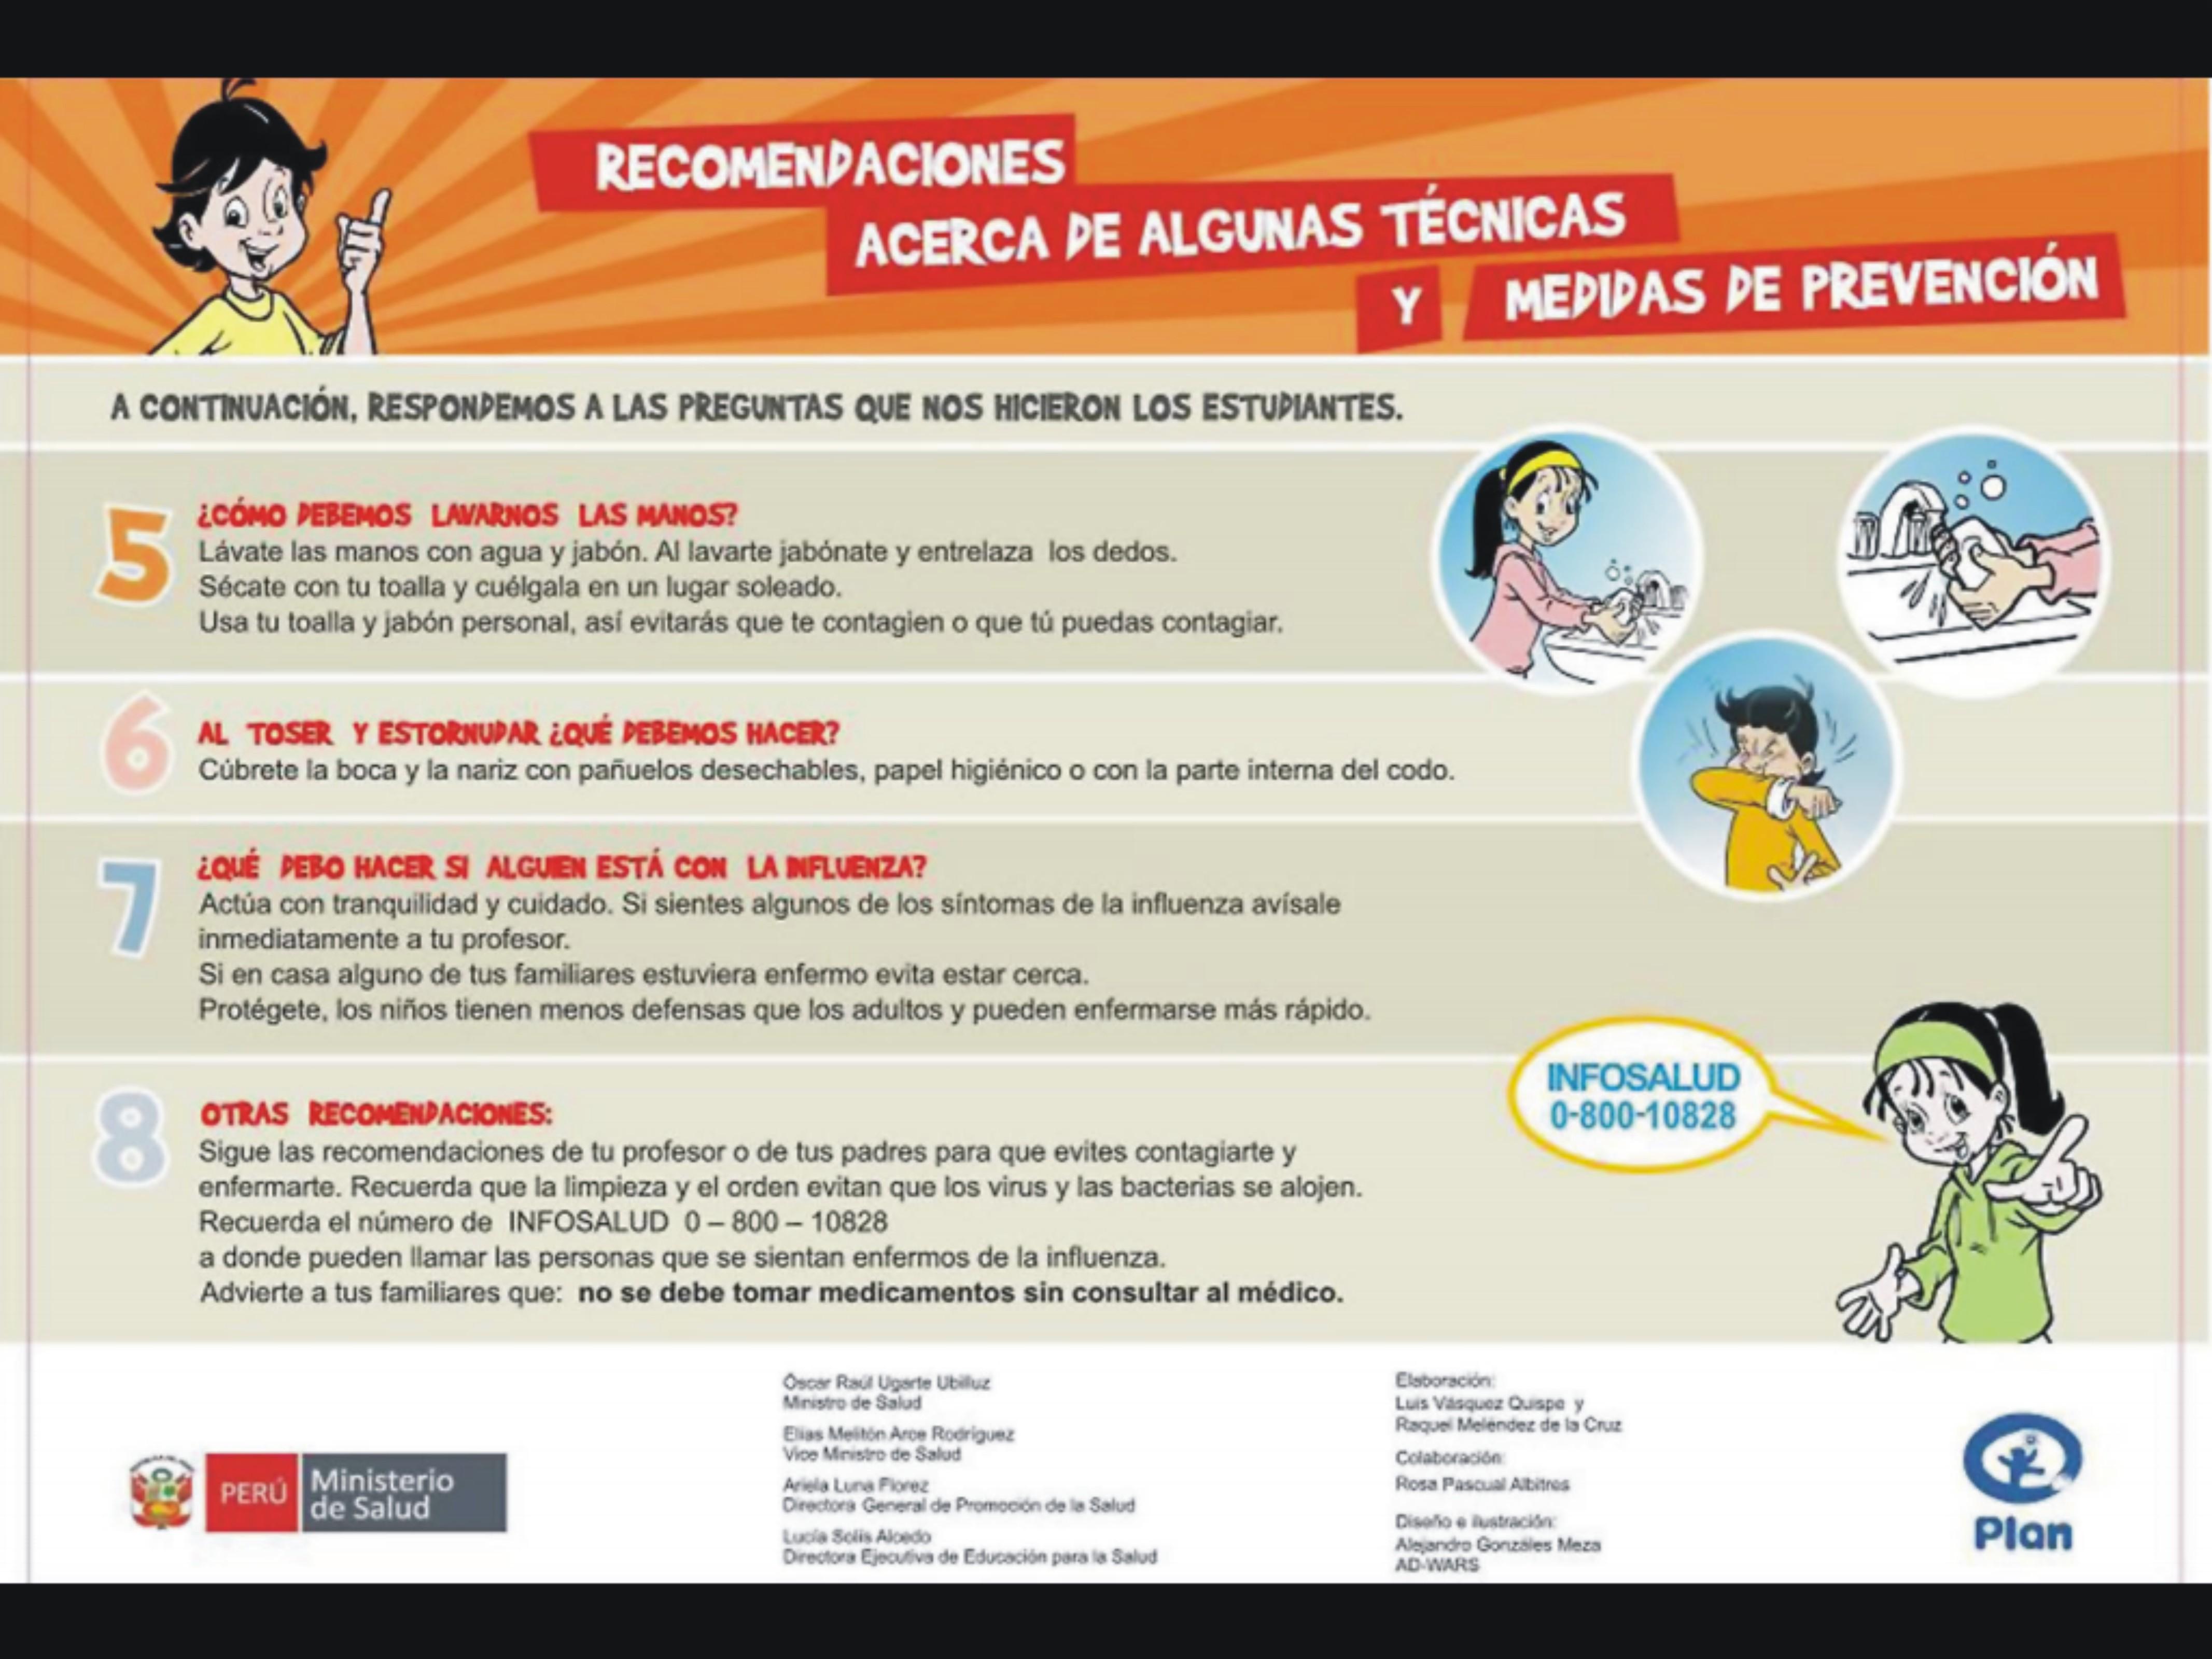 Noticias iep la villa de san francisco for Ministerio de salud peru